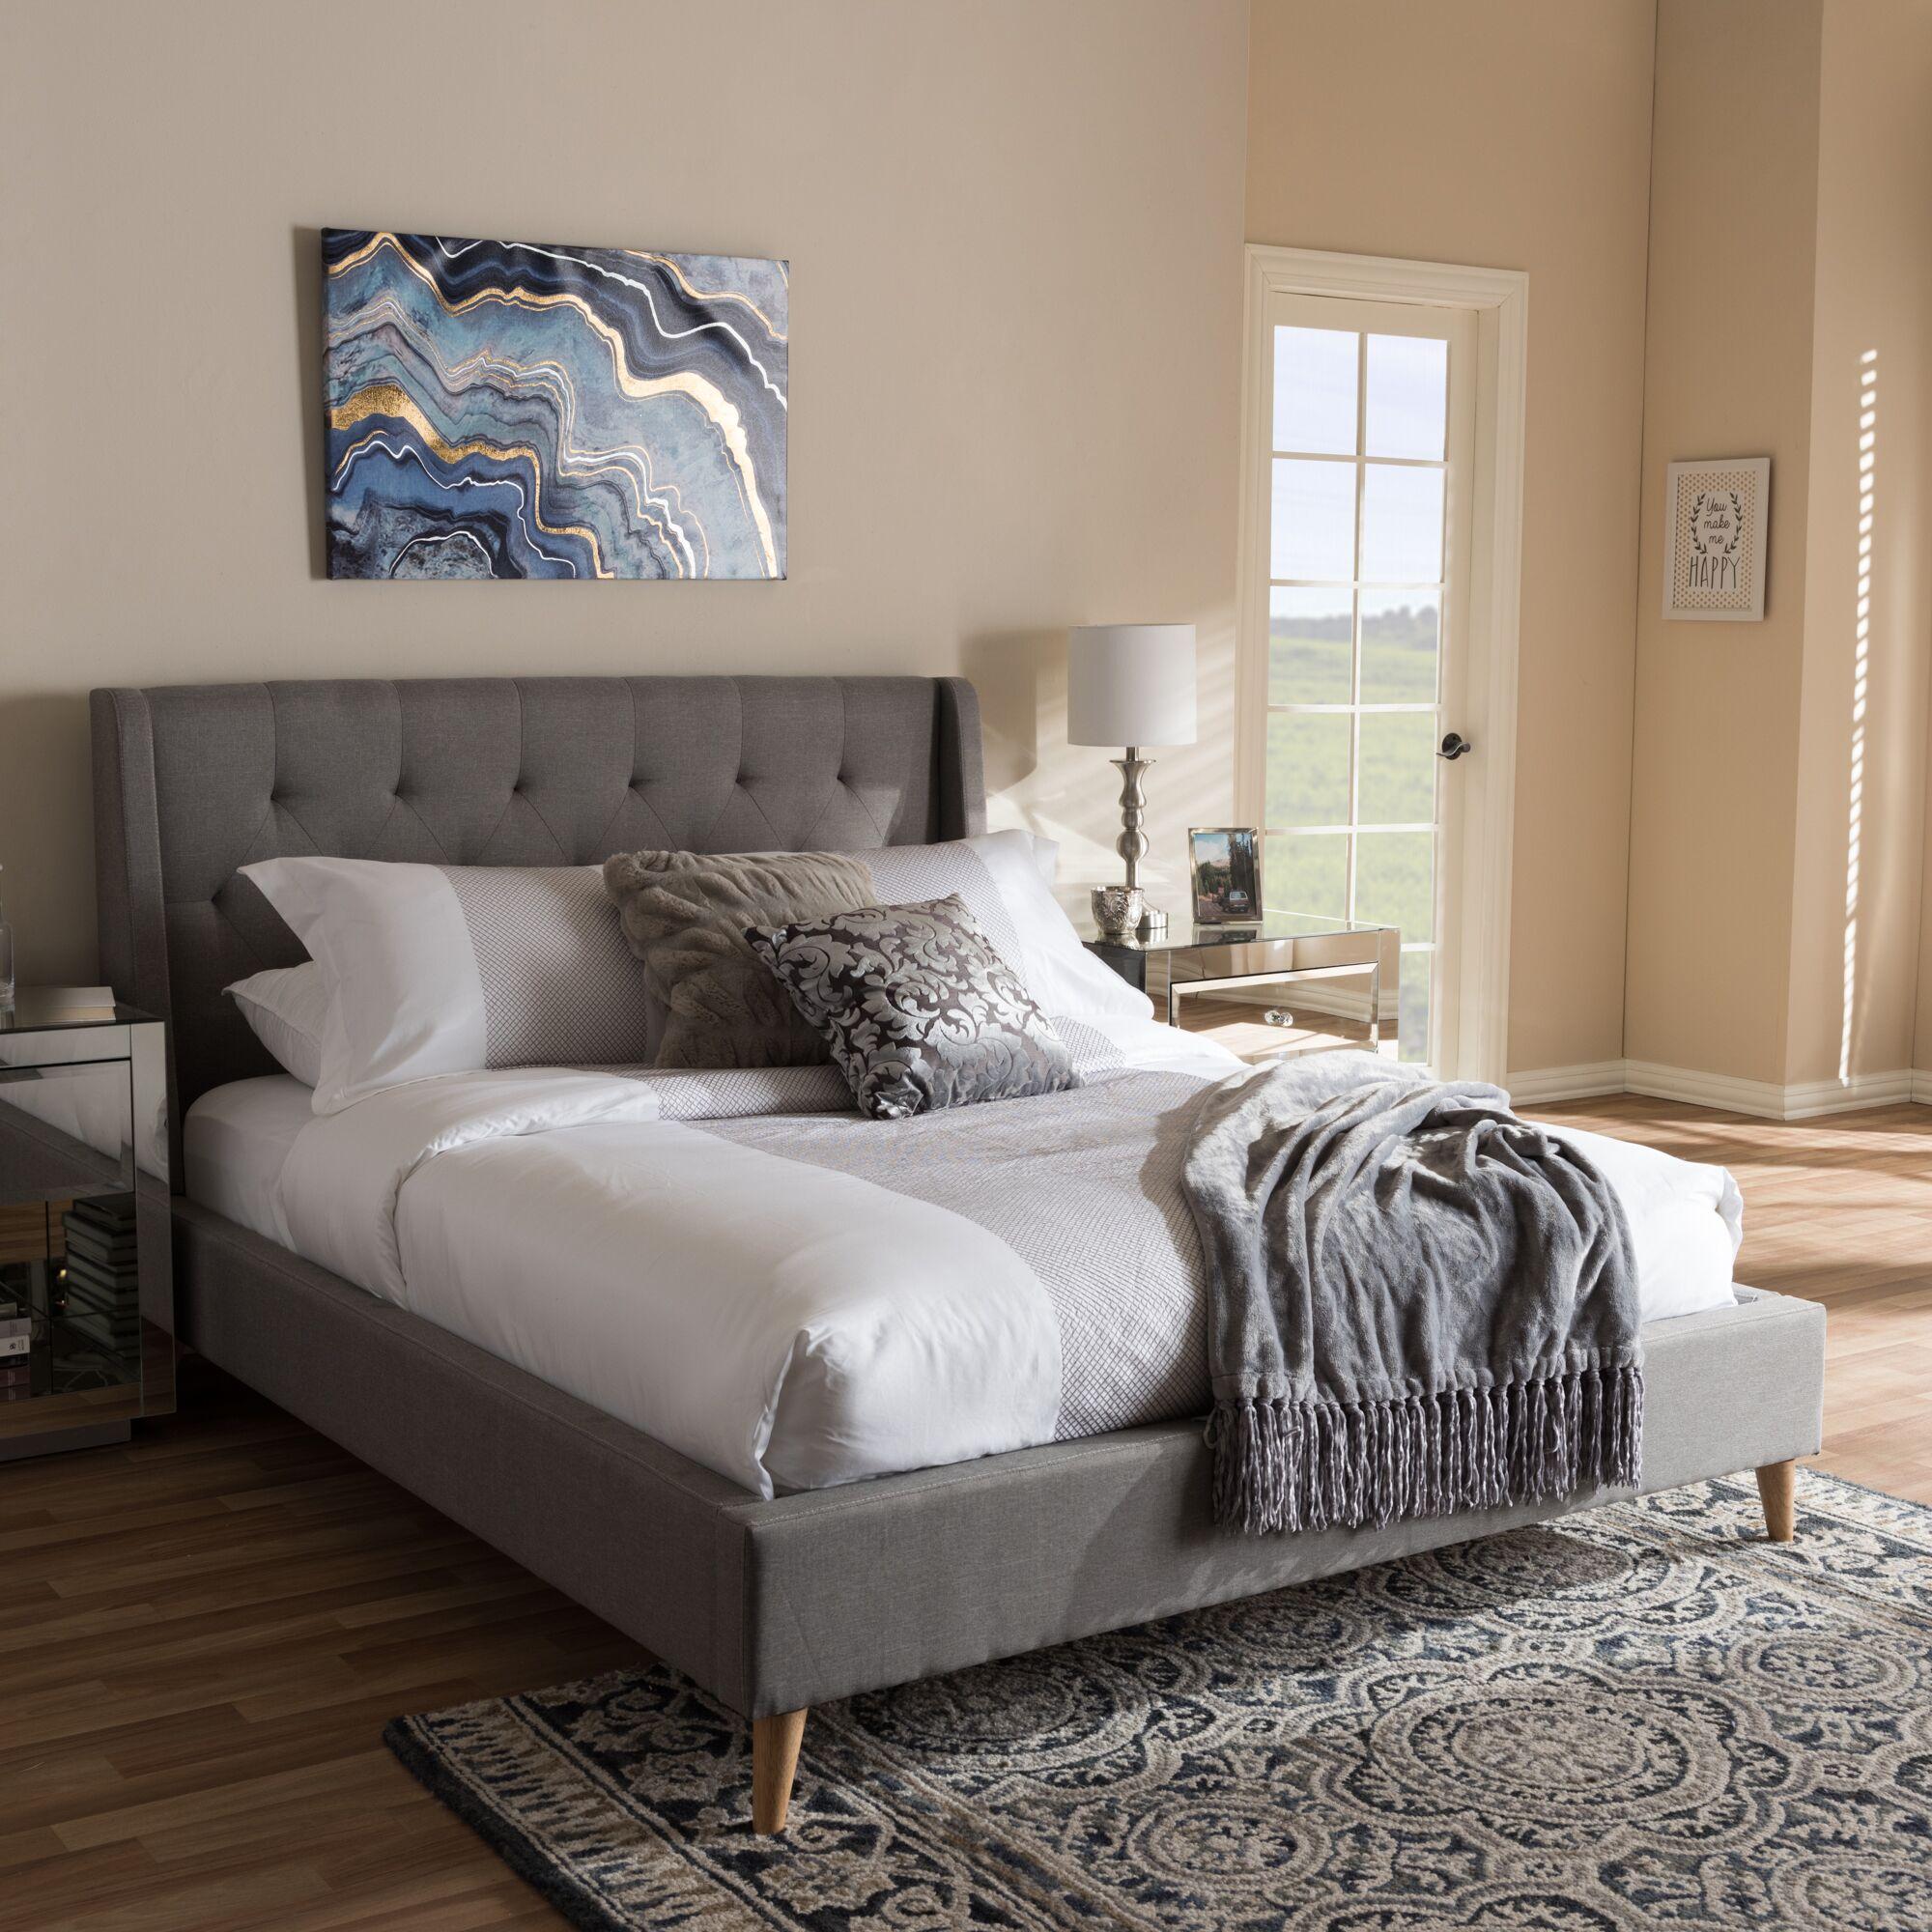 Elisabetta Upholstered Platform Bed Size: King, Color: Light Gray